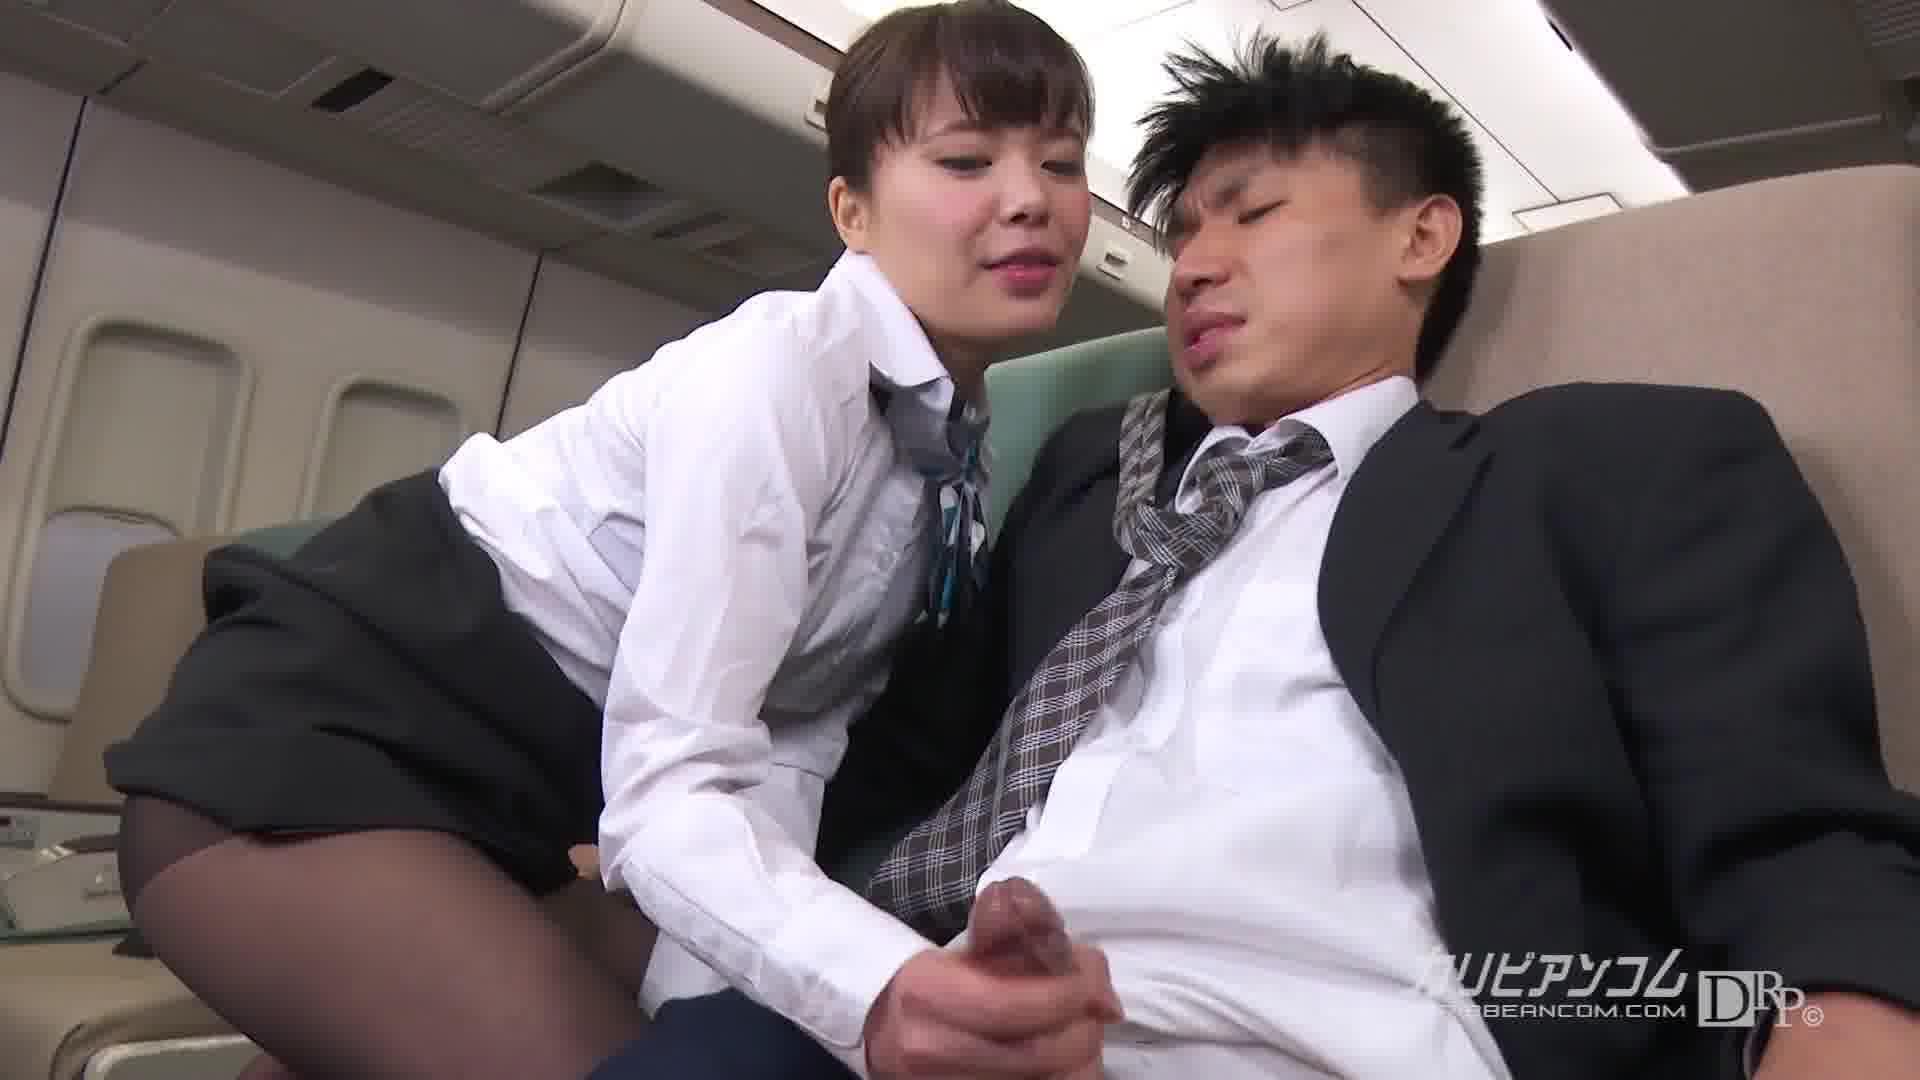 今年のお正月はCAL航空で夢のハワイ航路 - 三浦春佳【制服・スレンダー・中出し】